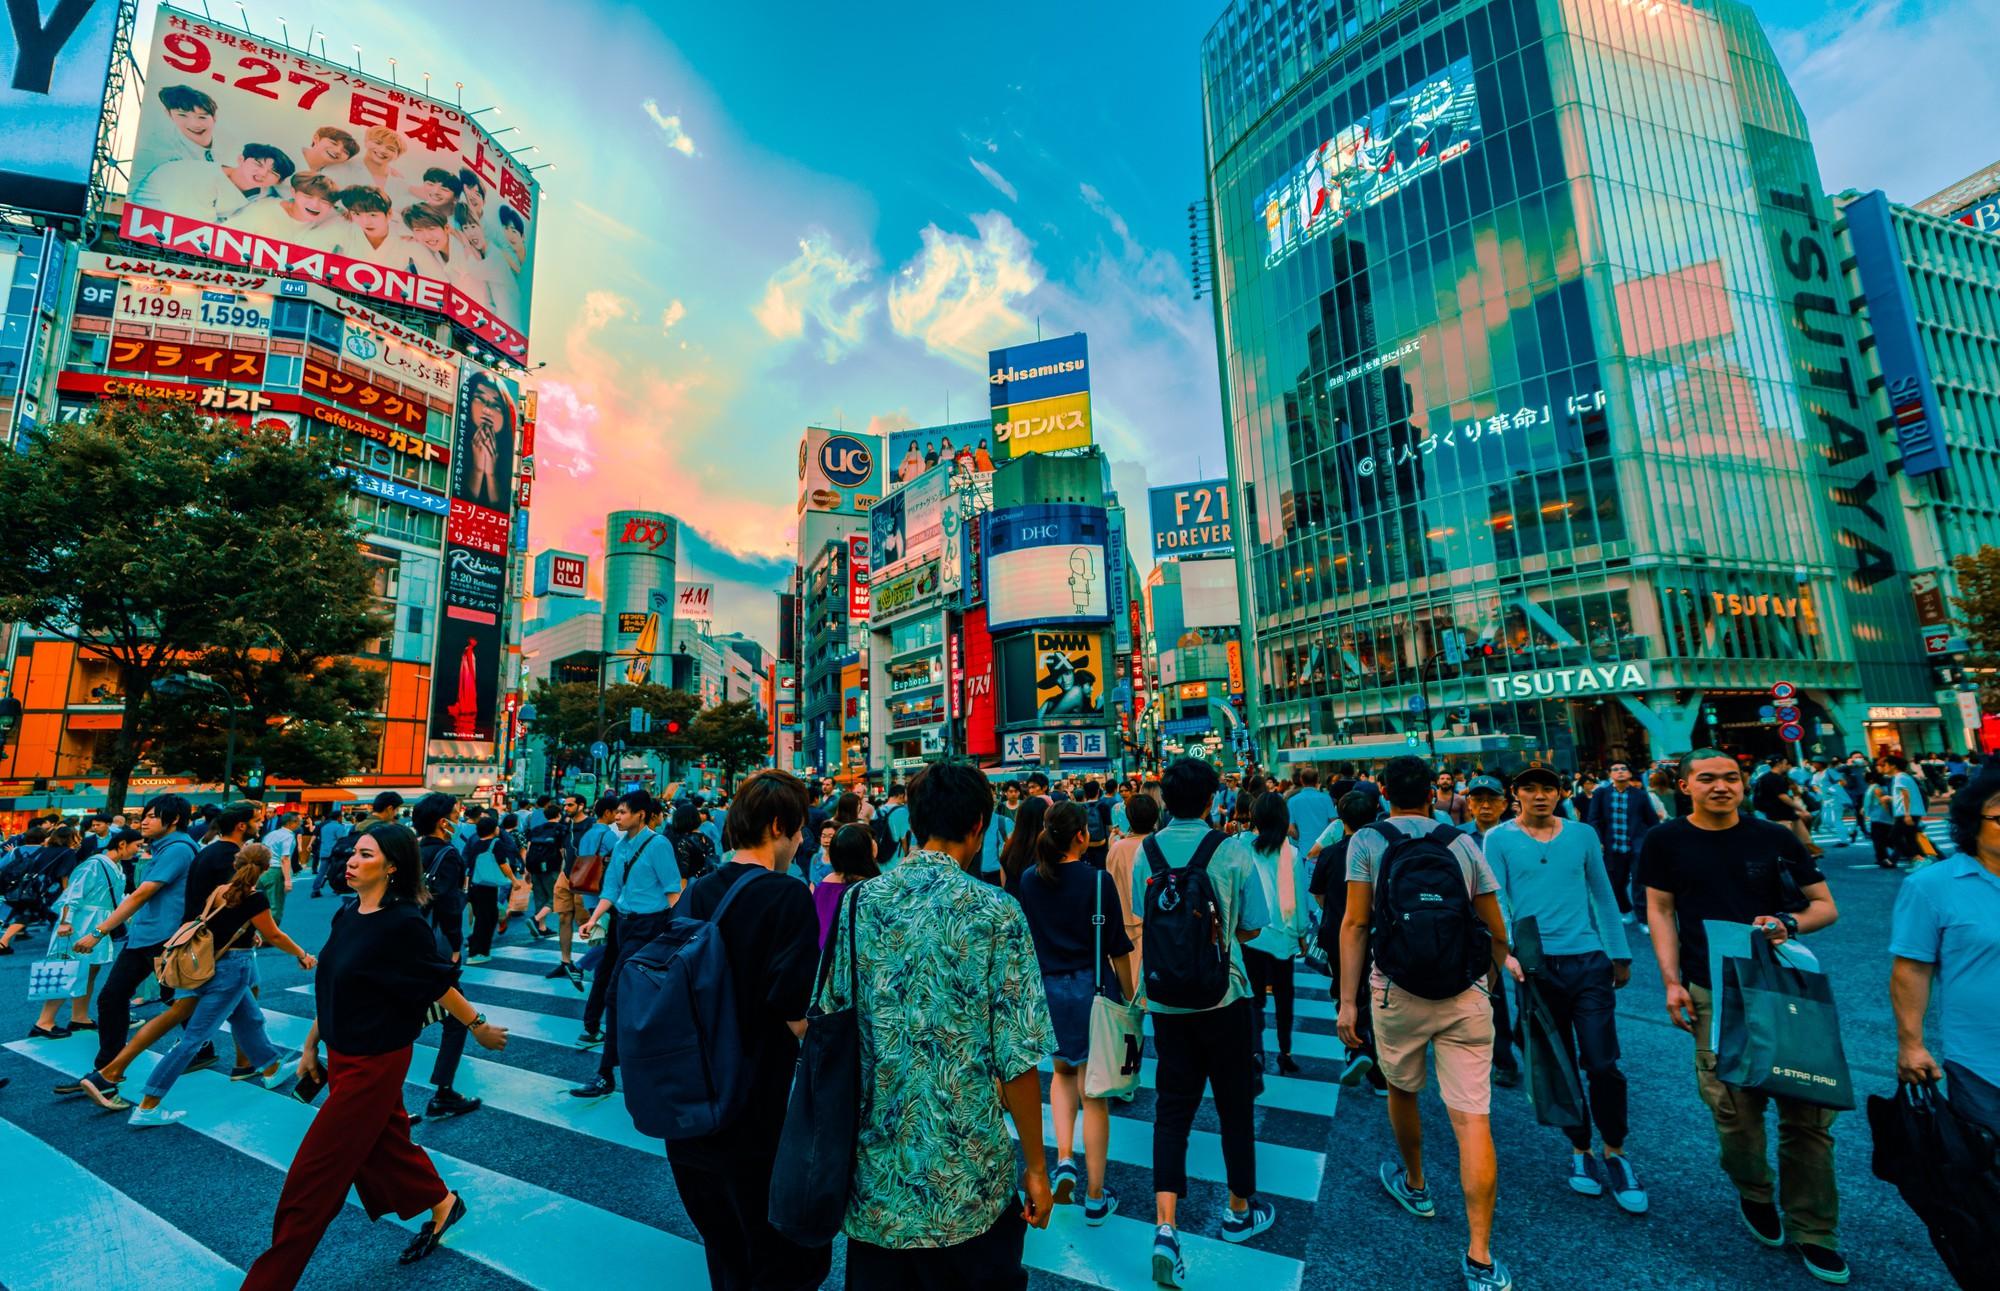 3 địa điểm được check-in nhiều nhất Tokyo, vị trí số 1 có đến 9,6 triệu bức hình trên Instagram! - Ảnh 1.